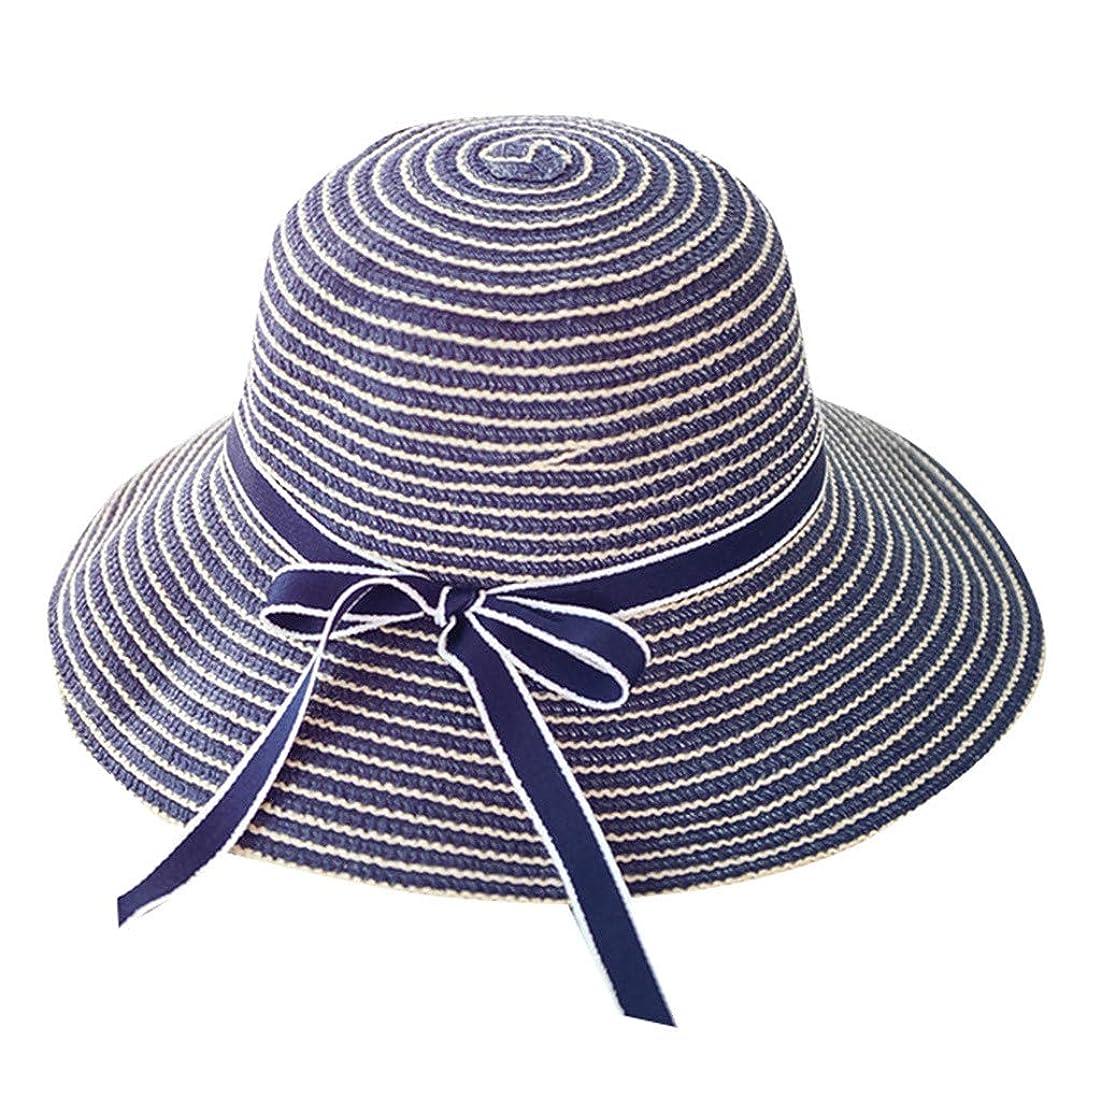 印象的切る目の前のキャップ 帽子 サンバイザー 漁師の帽子 UVカット 帽子 レディース 麦わら帽子 uv帽 つば広 ビーチ おしゃれ 可愛い ハット キャップ 通気性抜群 日除け UVカット 紫外線対策 薄手 スポーツ シンプル 蝶結び